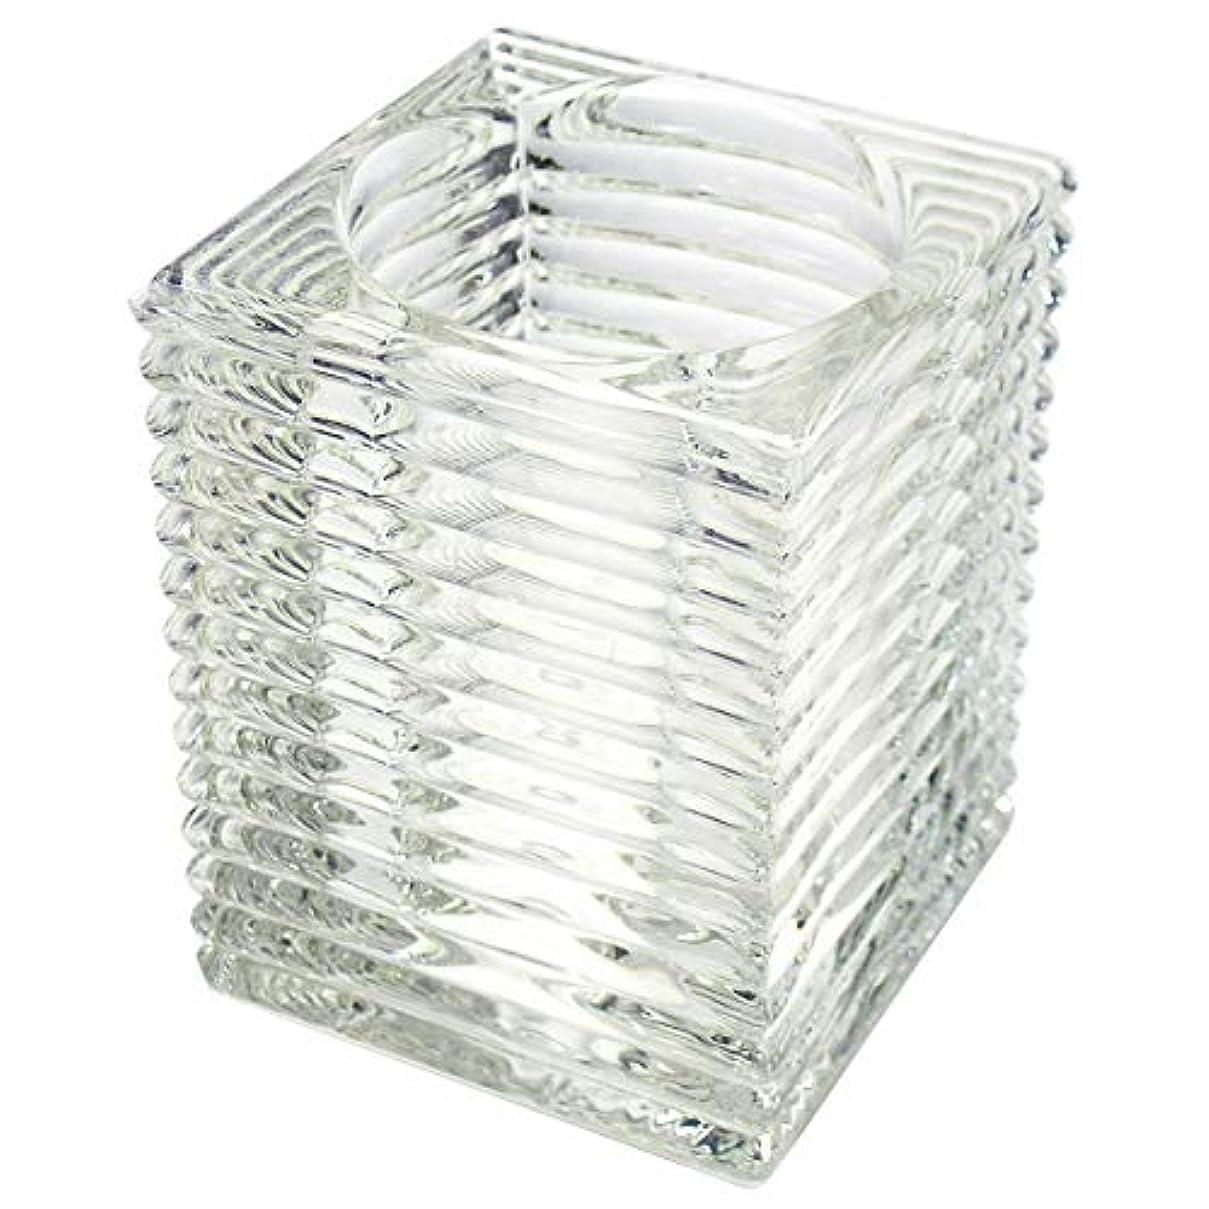 グローブアフリカ耐えられるキャンドルホルダー ガラス6 キャンドルスタンド ろうそく立て ティーライトキャンドル ティーキャンドル